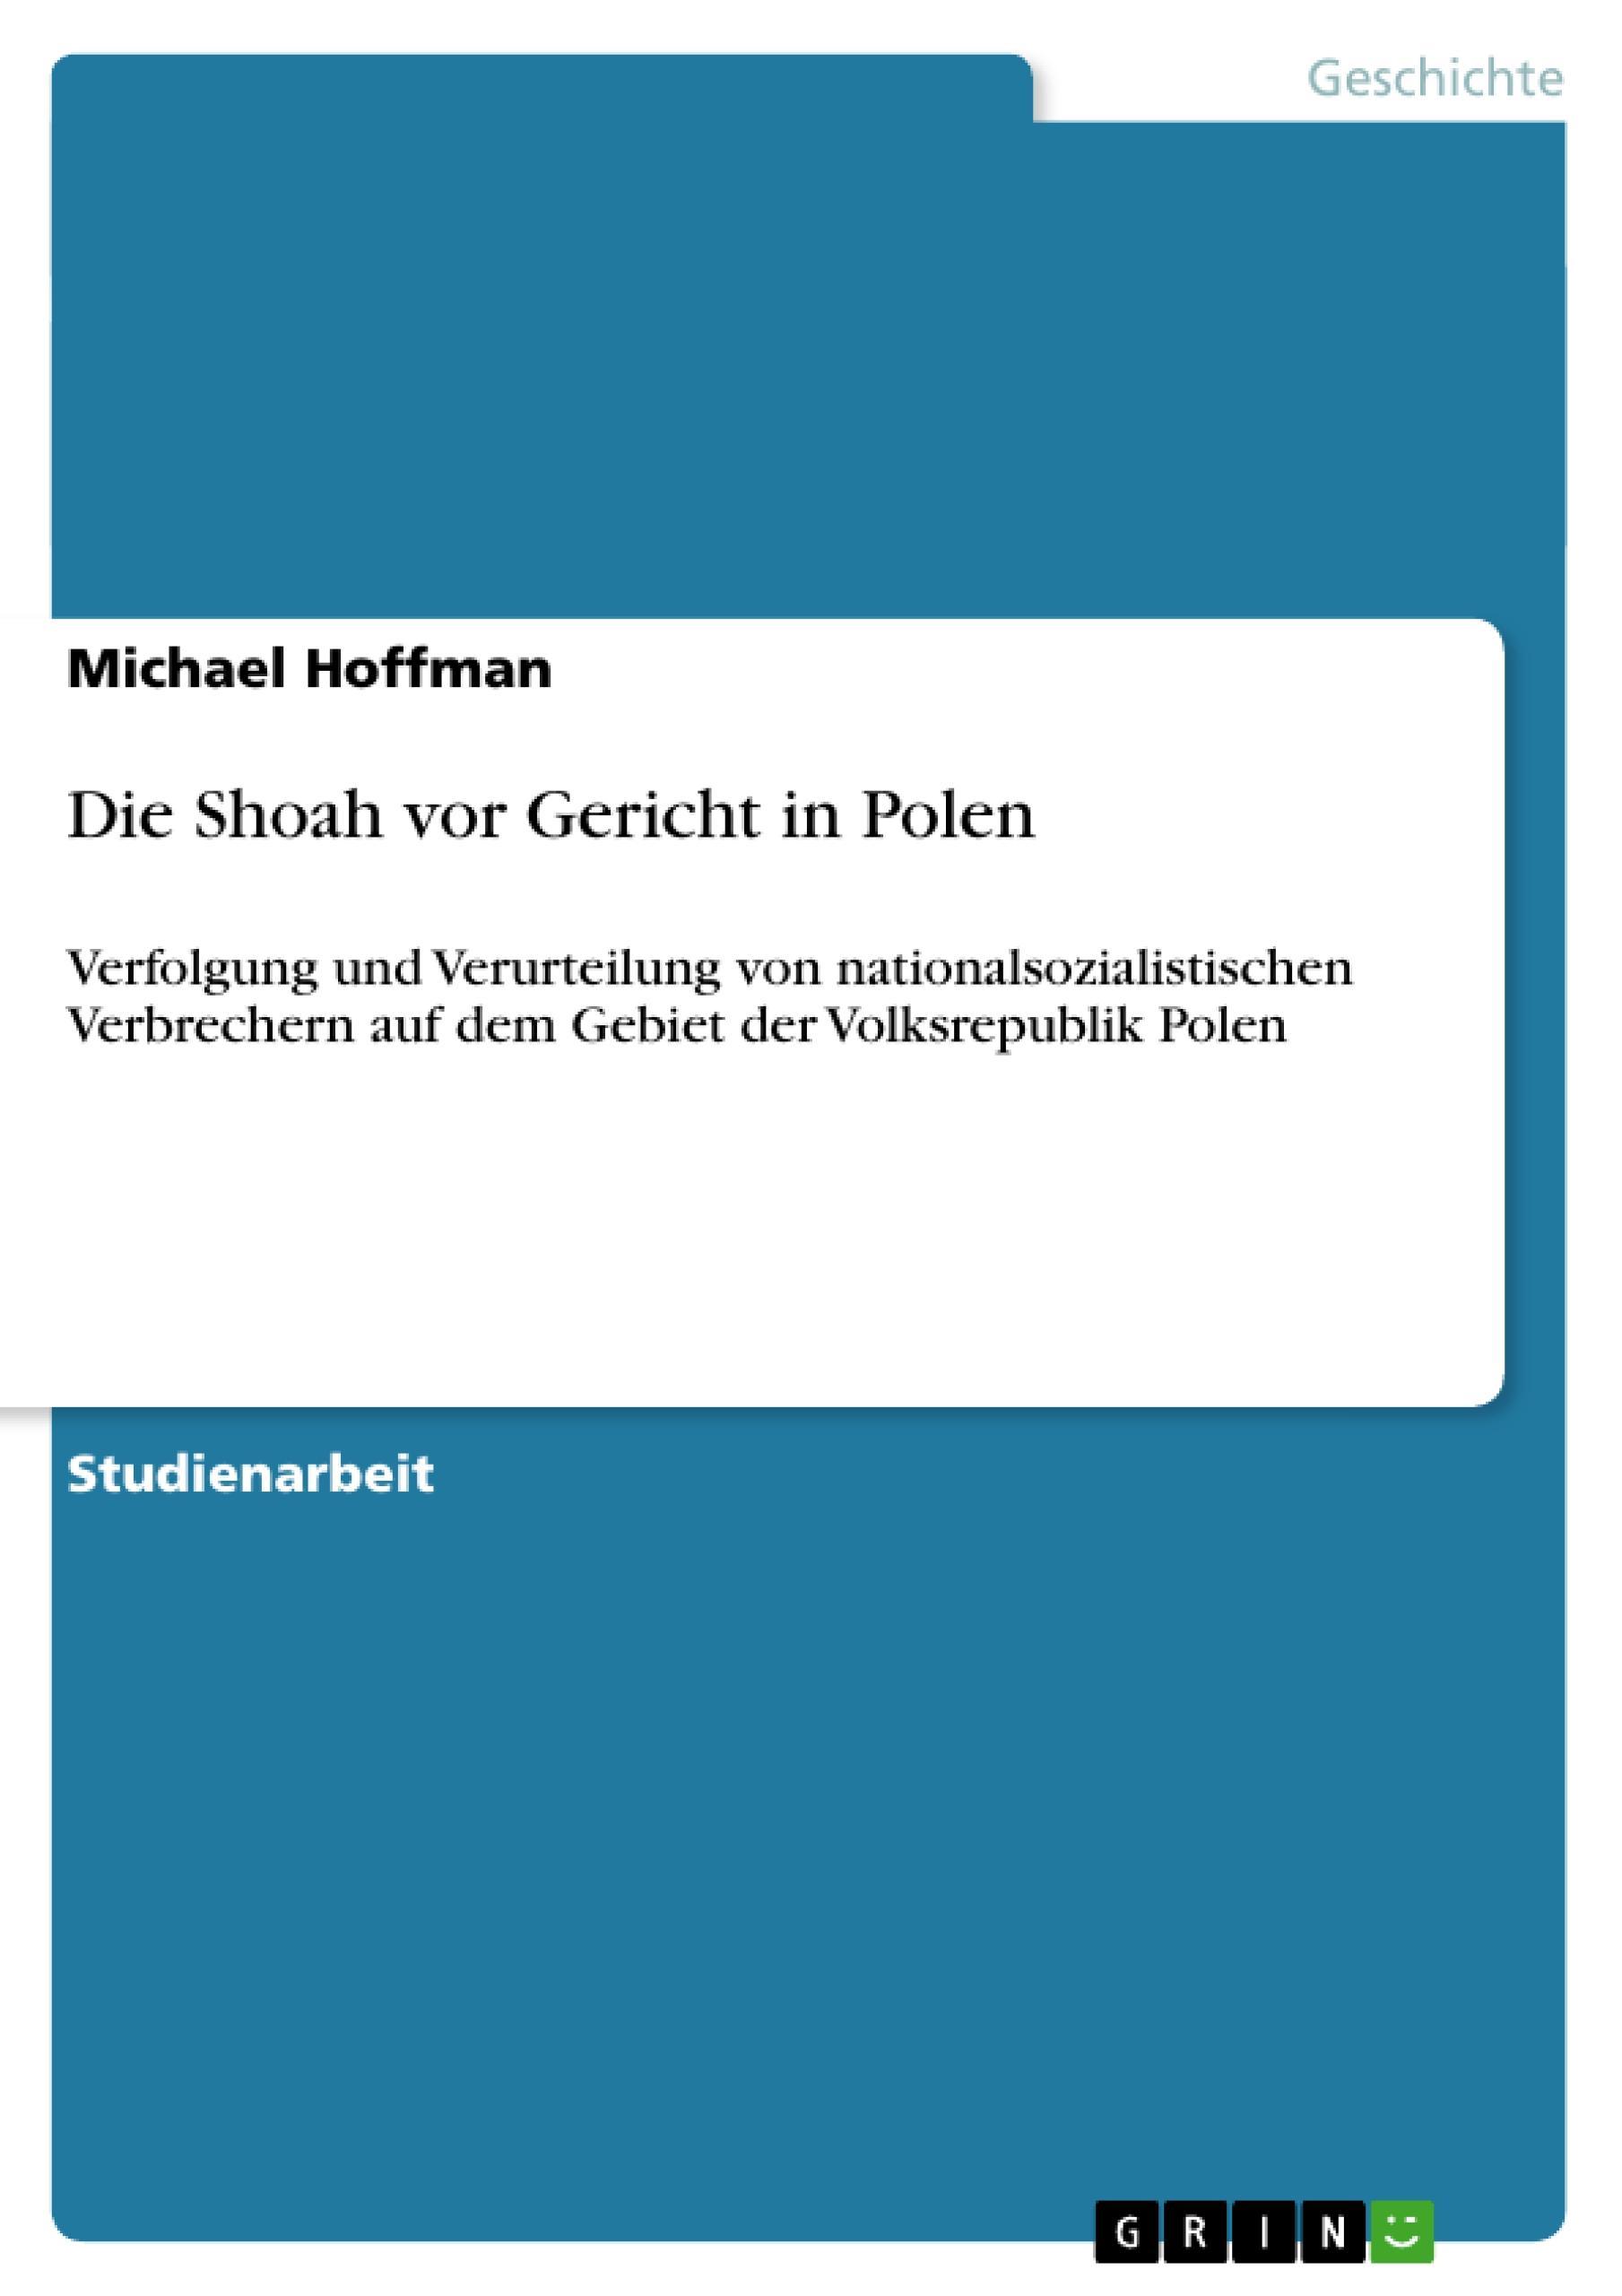 Die Shoah vor Gericht in Polen  Verfolgung und Verurteilung von nationalsozialistischen Verbrechern auf dem Gebiet der Volksrepublik Polen  Michael Hoffman  Taschenbuch  Deutsch  2011 - Hoffman, Michael